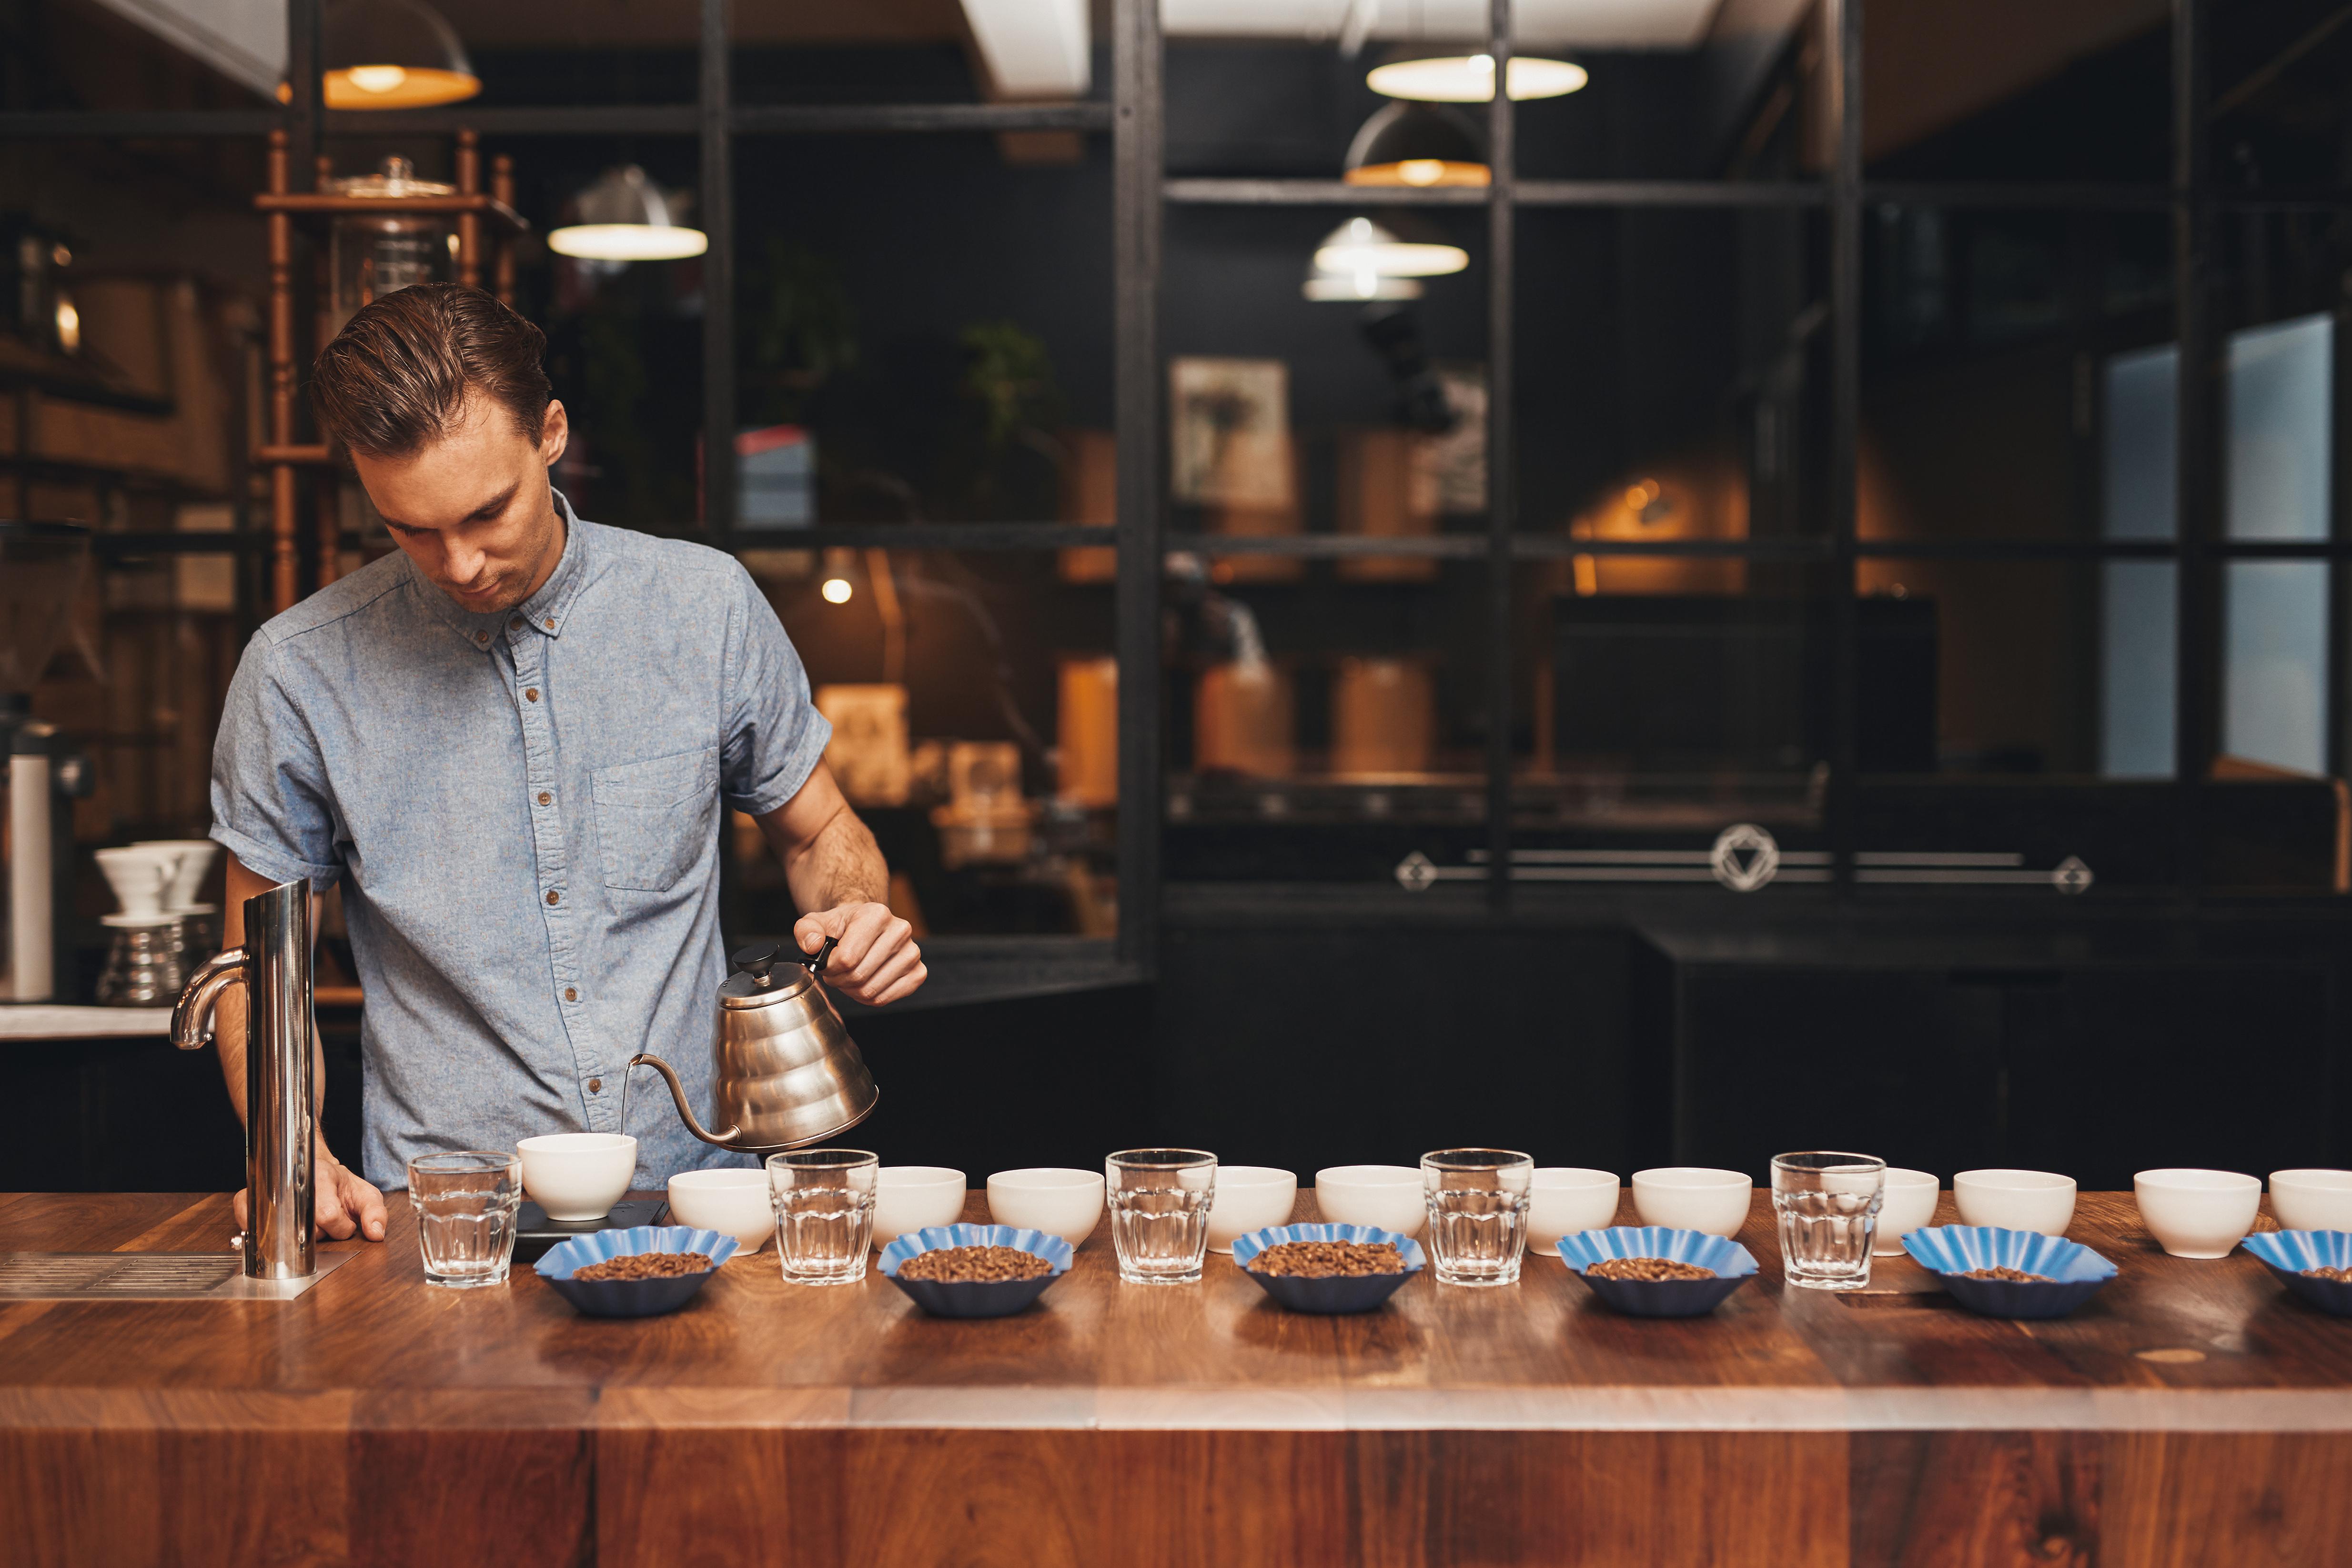 barista, coffee making, coffee brewing